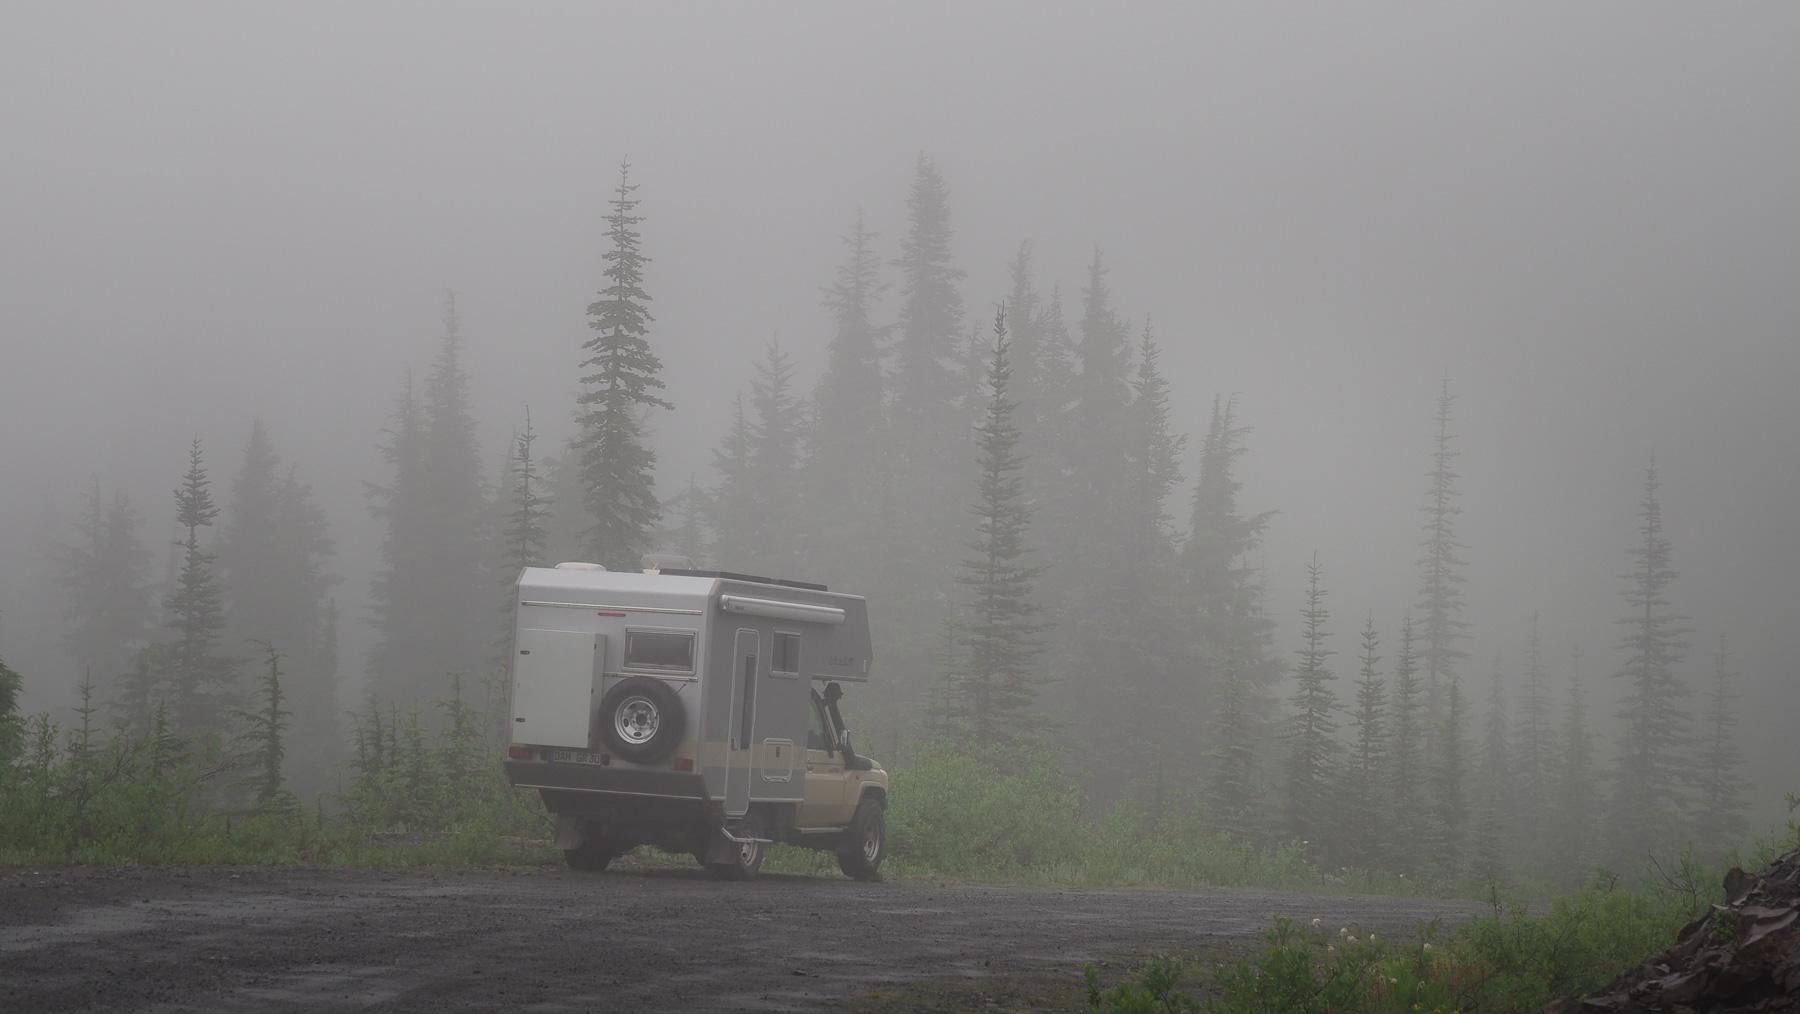 Übernachtungsplatz im Nebel - Depri-Stimmung